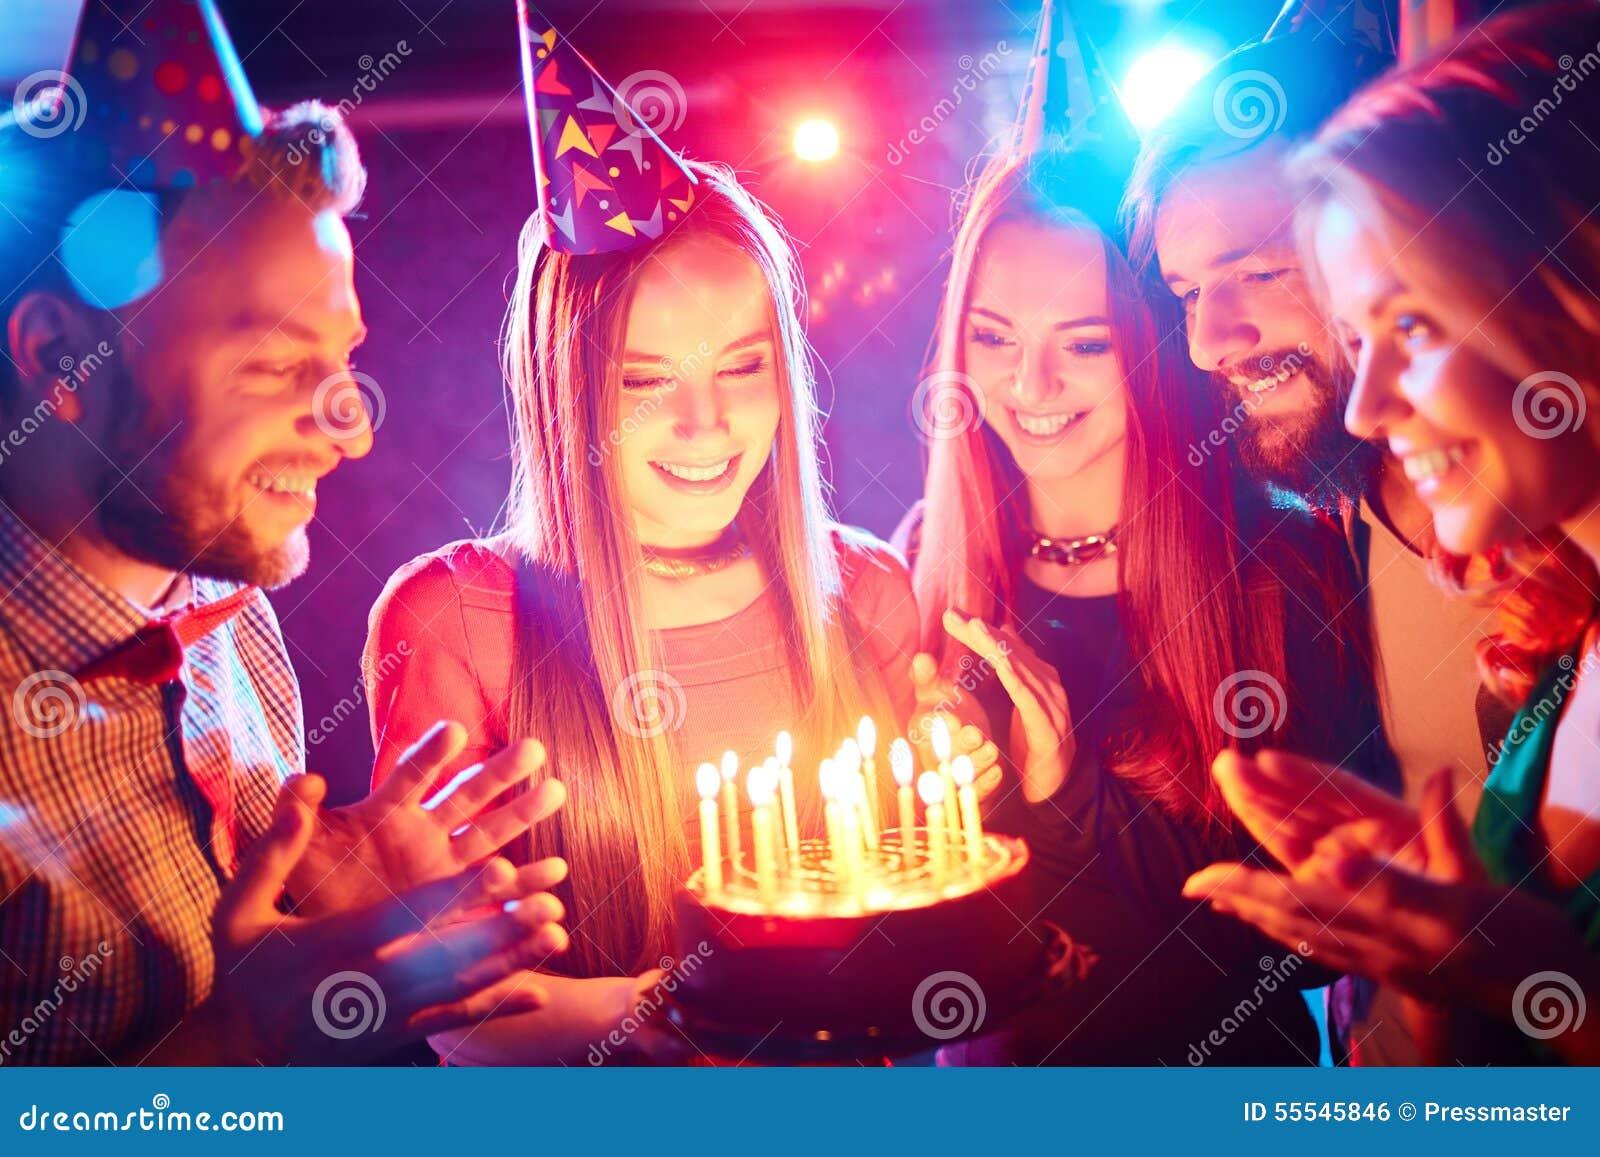 非洲裔美国人气球美丽的生日蛋糕庆祝巧克力杯子楼层女孩藏品家当事人当前坐的微笑的包围的时间对年轻人